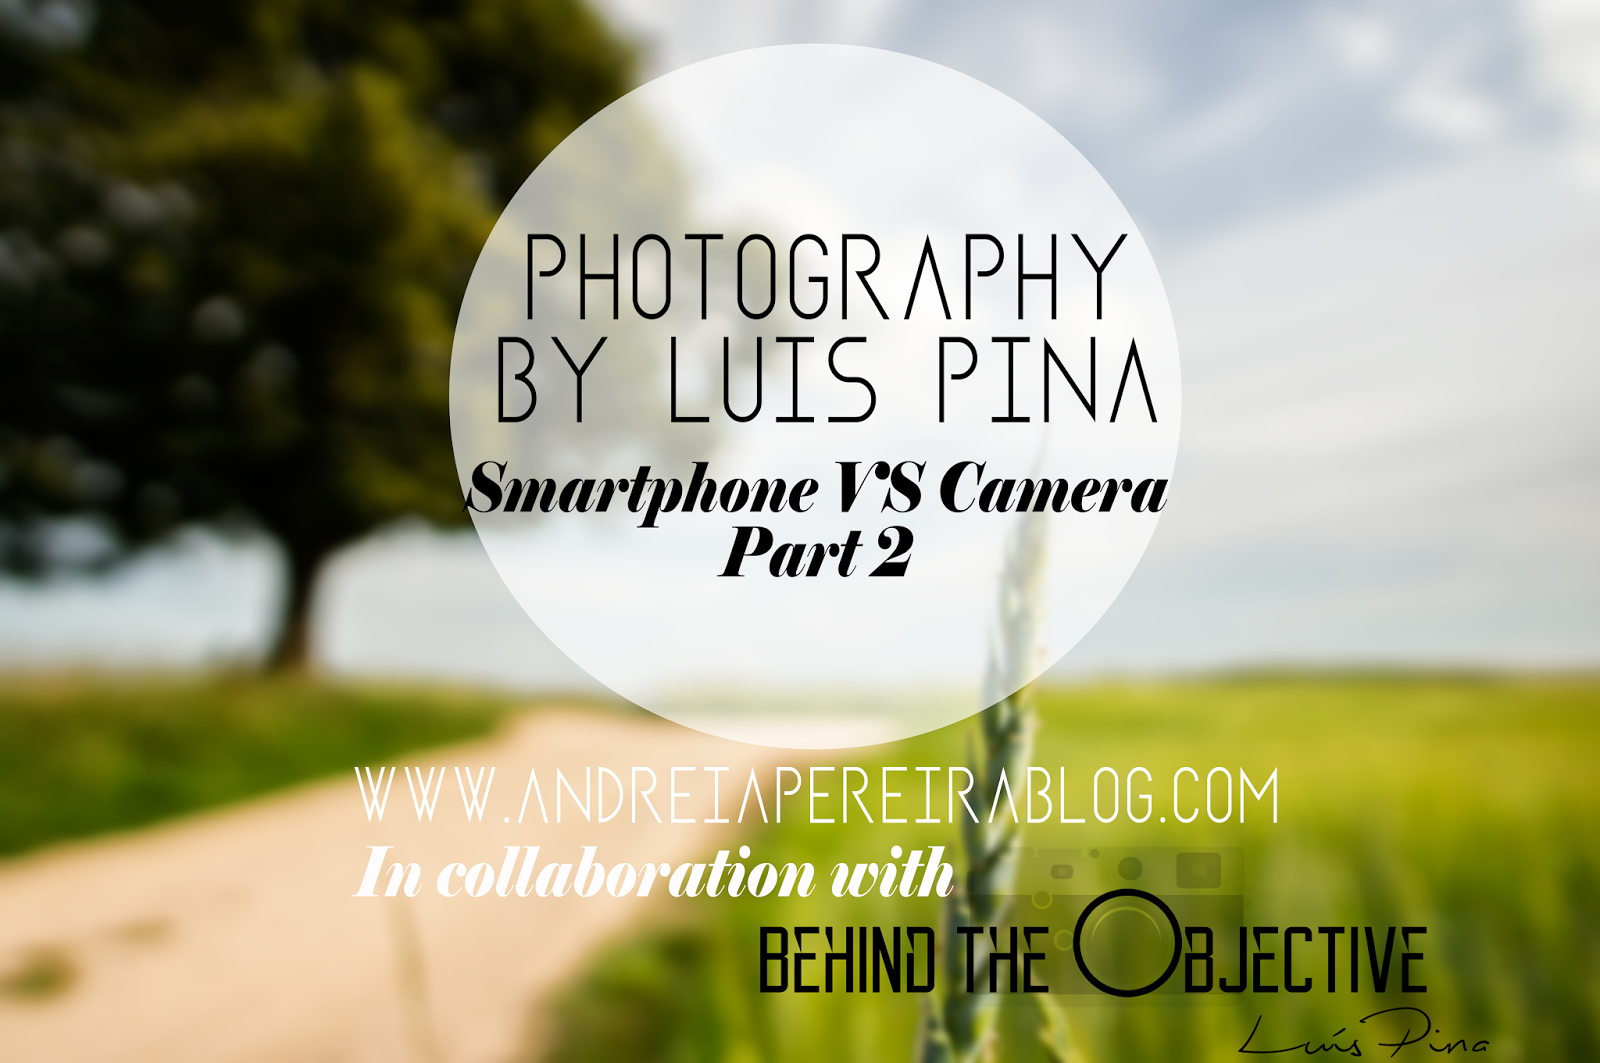 Photography by Luís Pina | Smartphone vs Camera Part 2 | Andreia Pereira Blog